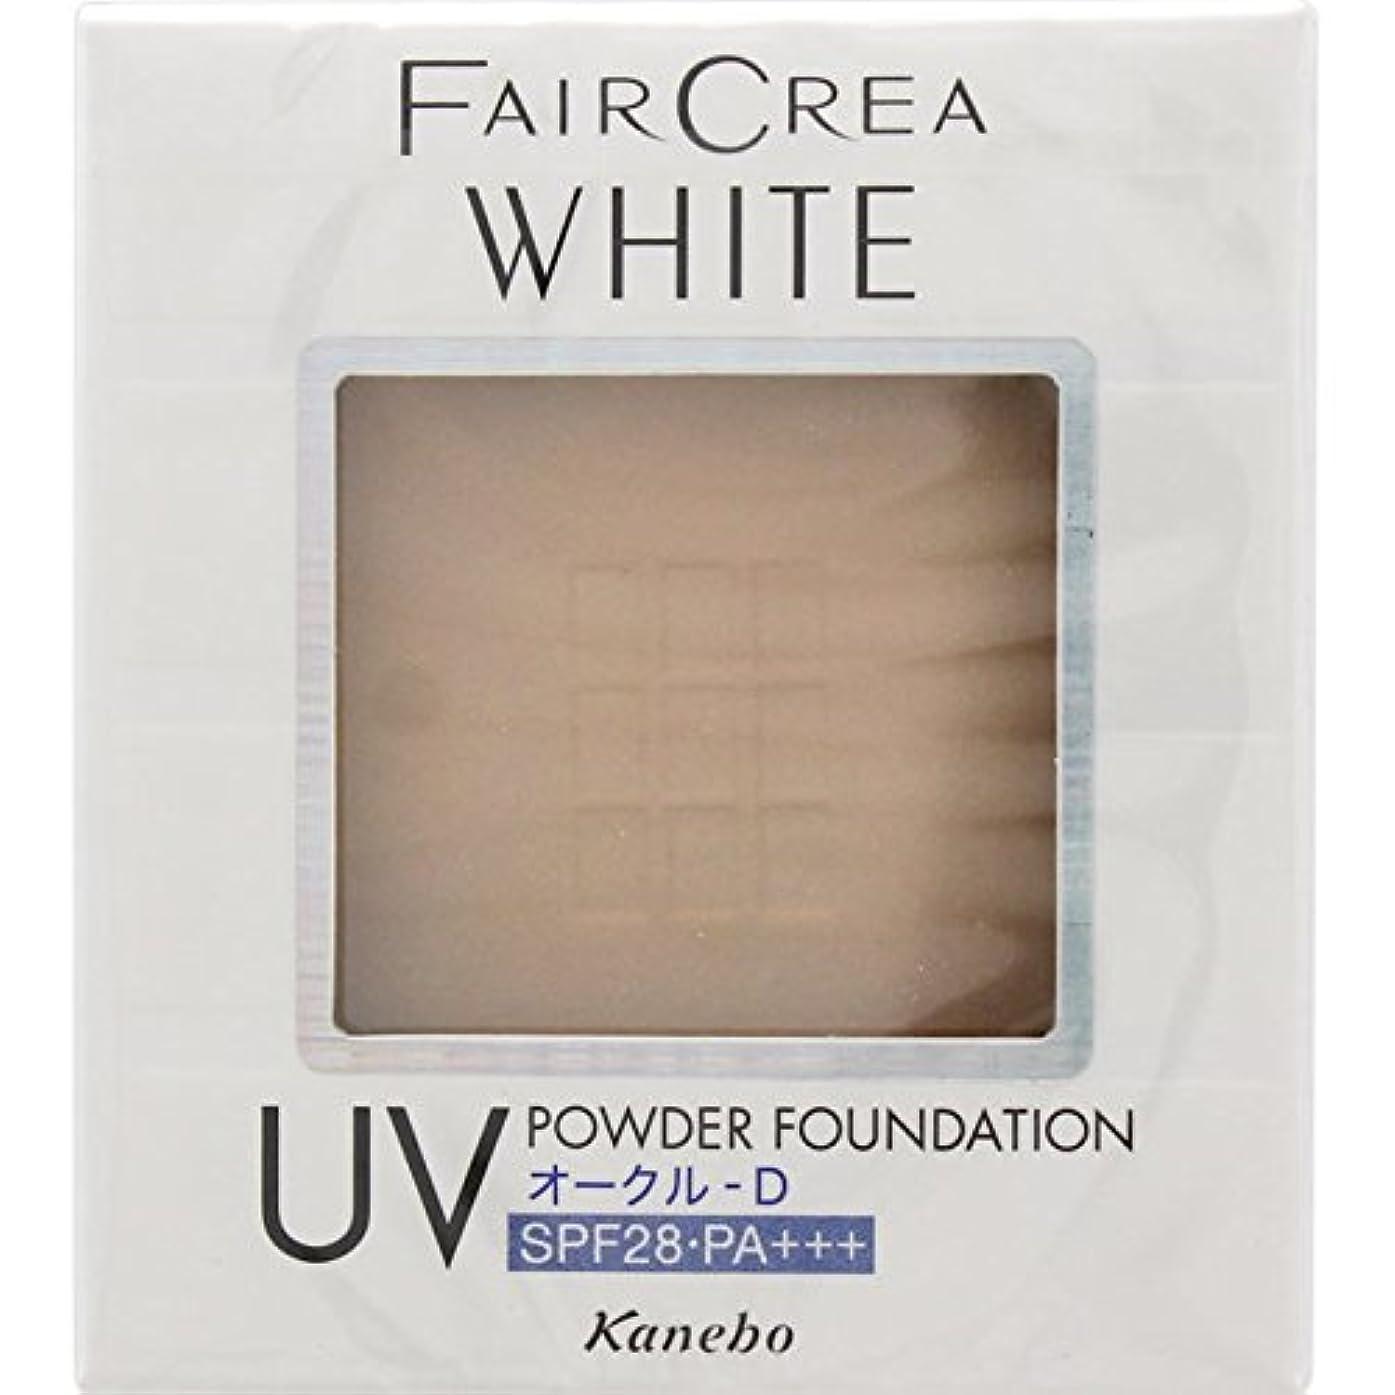 実行する病的天気カネボウフェアクレア(FAIRCREA)ホワイトUVパウダーファンデーション カラー:オークルD